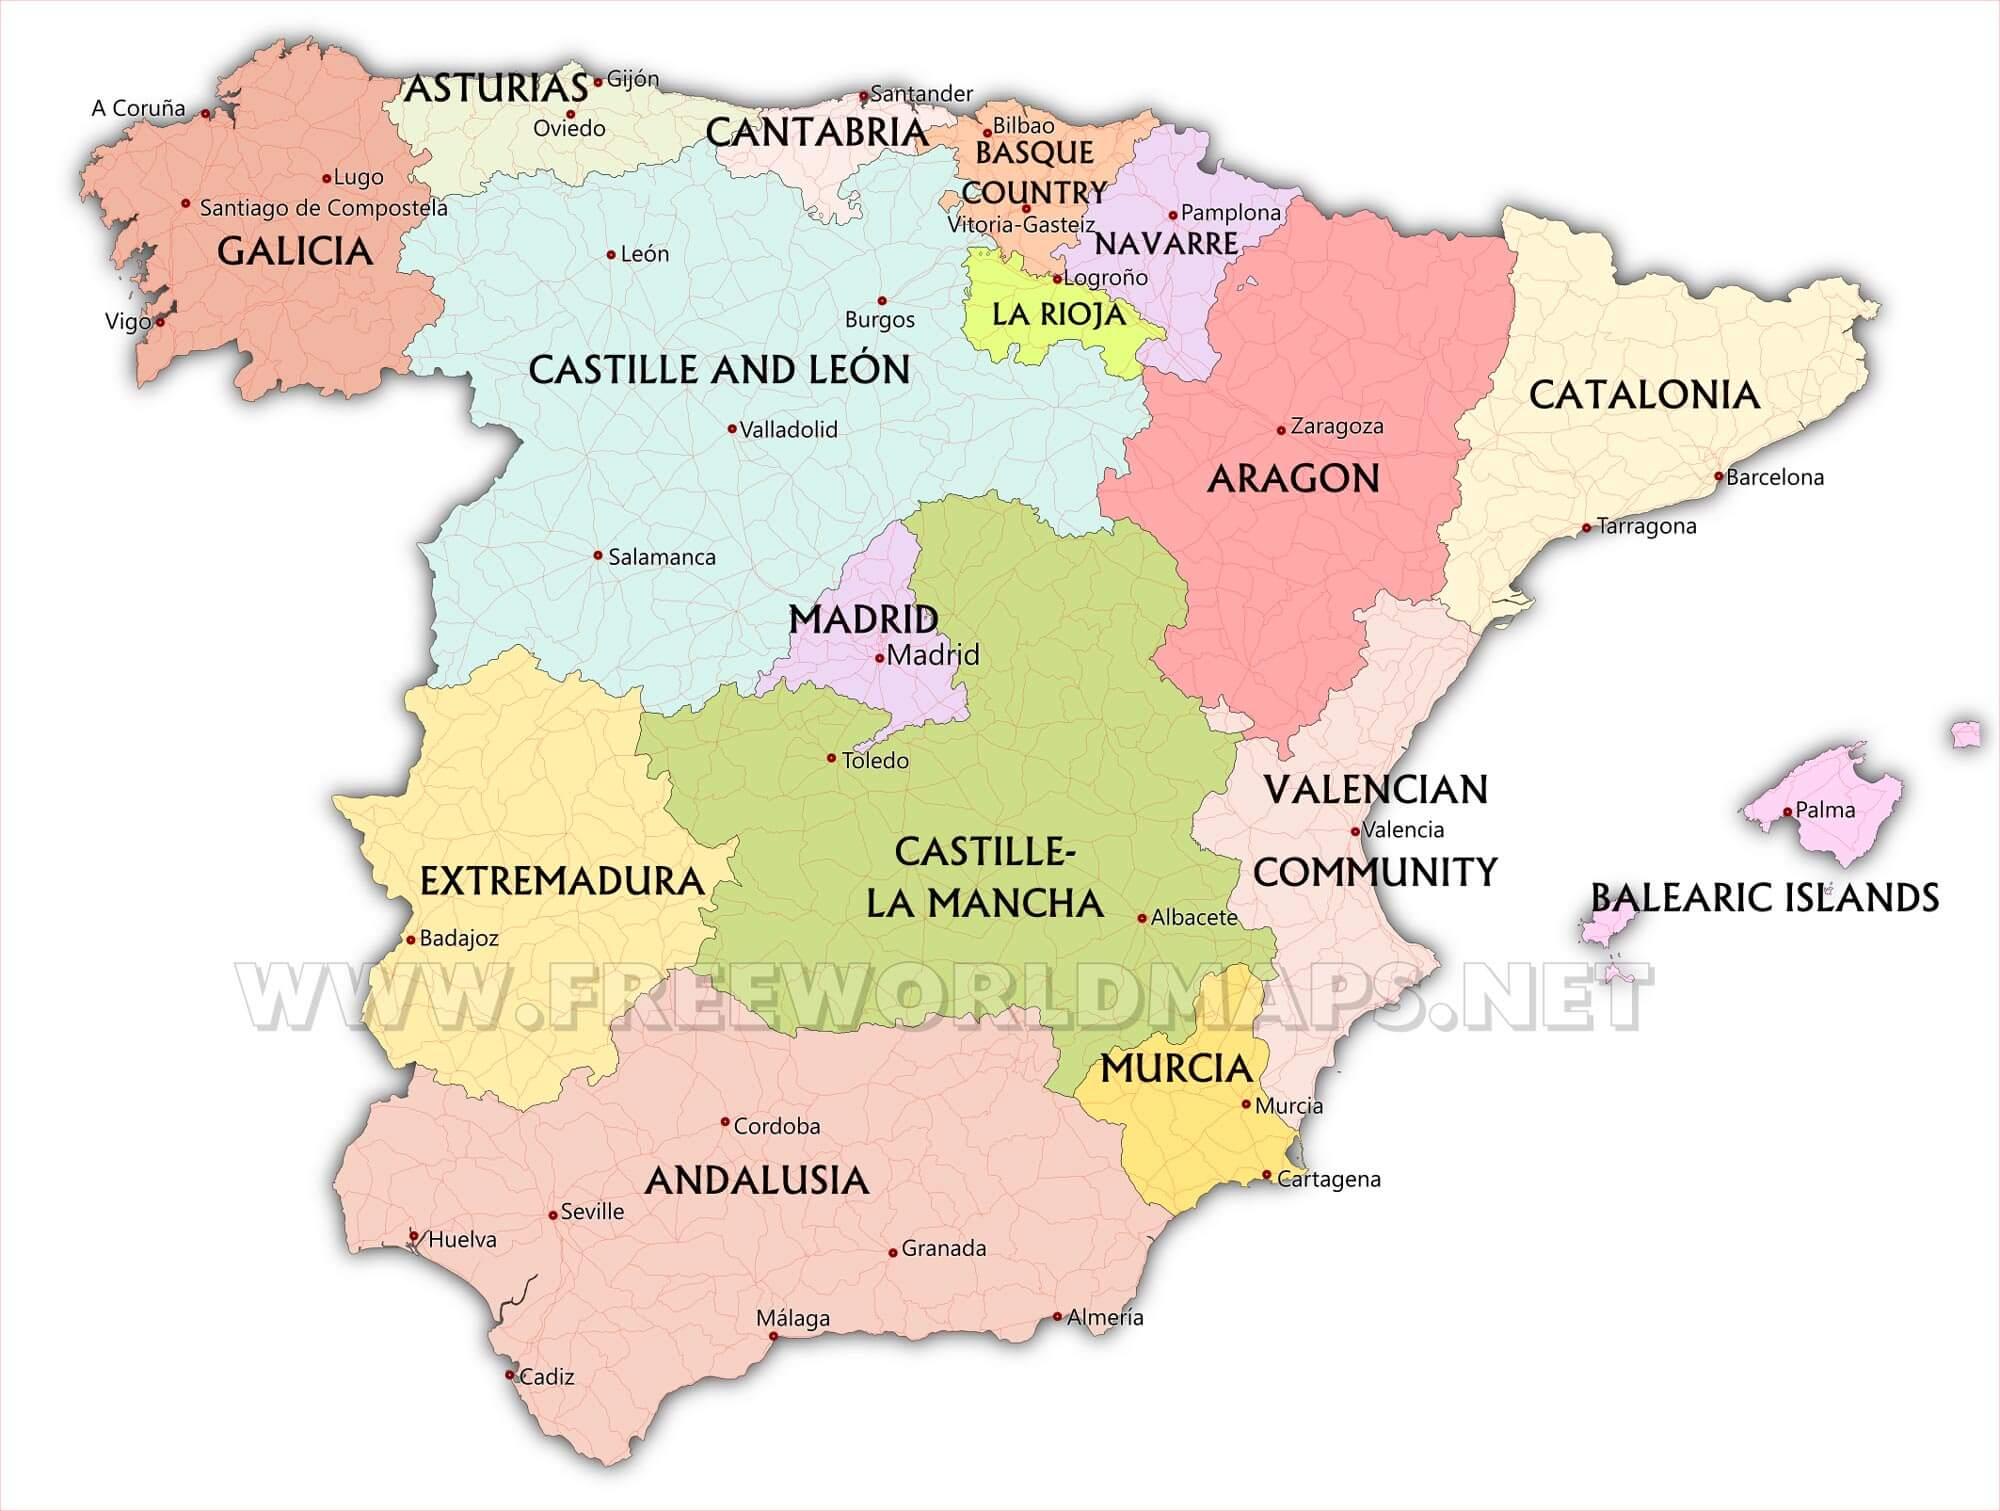 Map Of Spain Oviedo.Spain Maps By Freeworldmaps Net